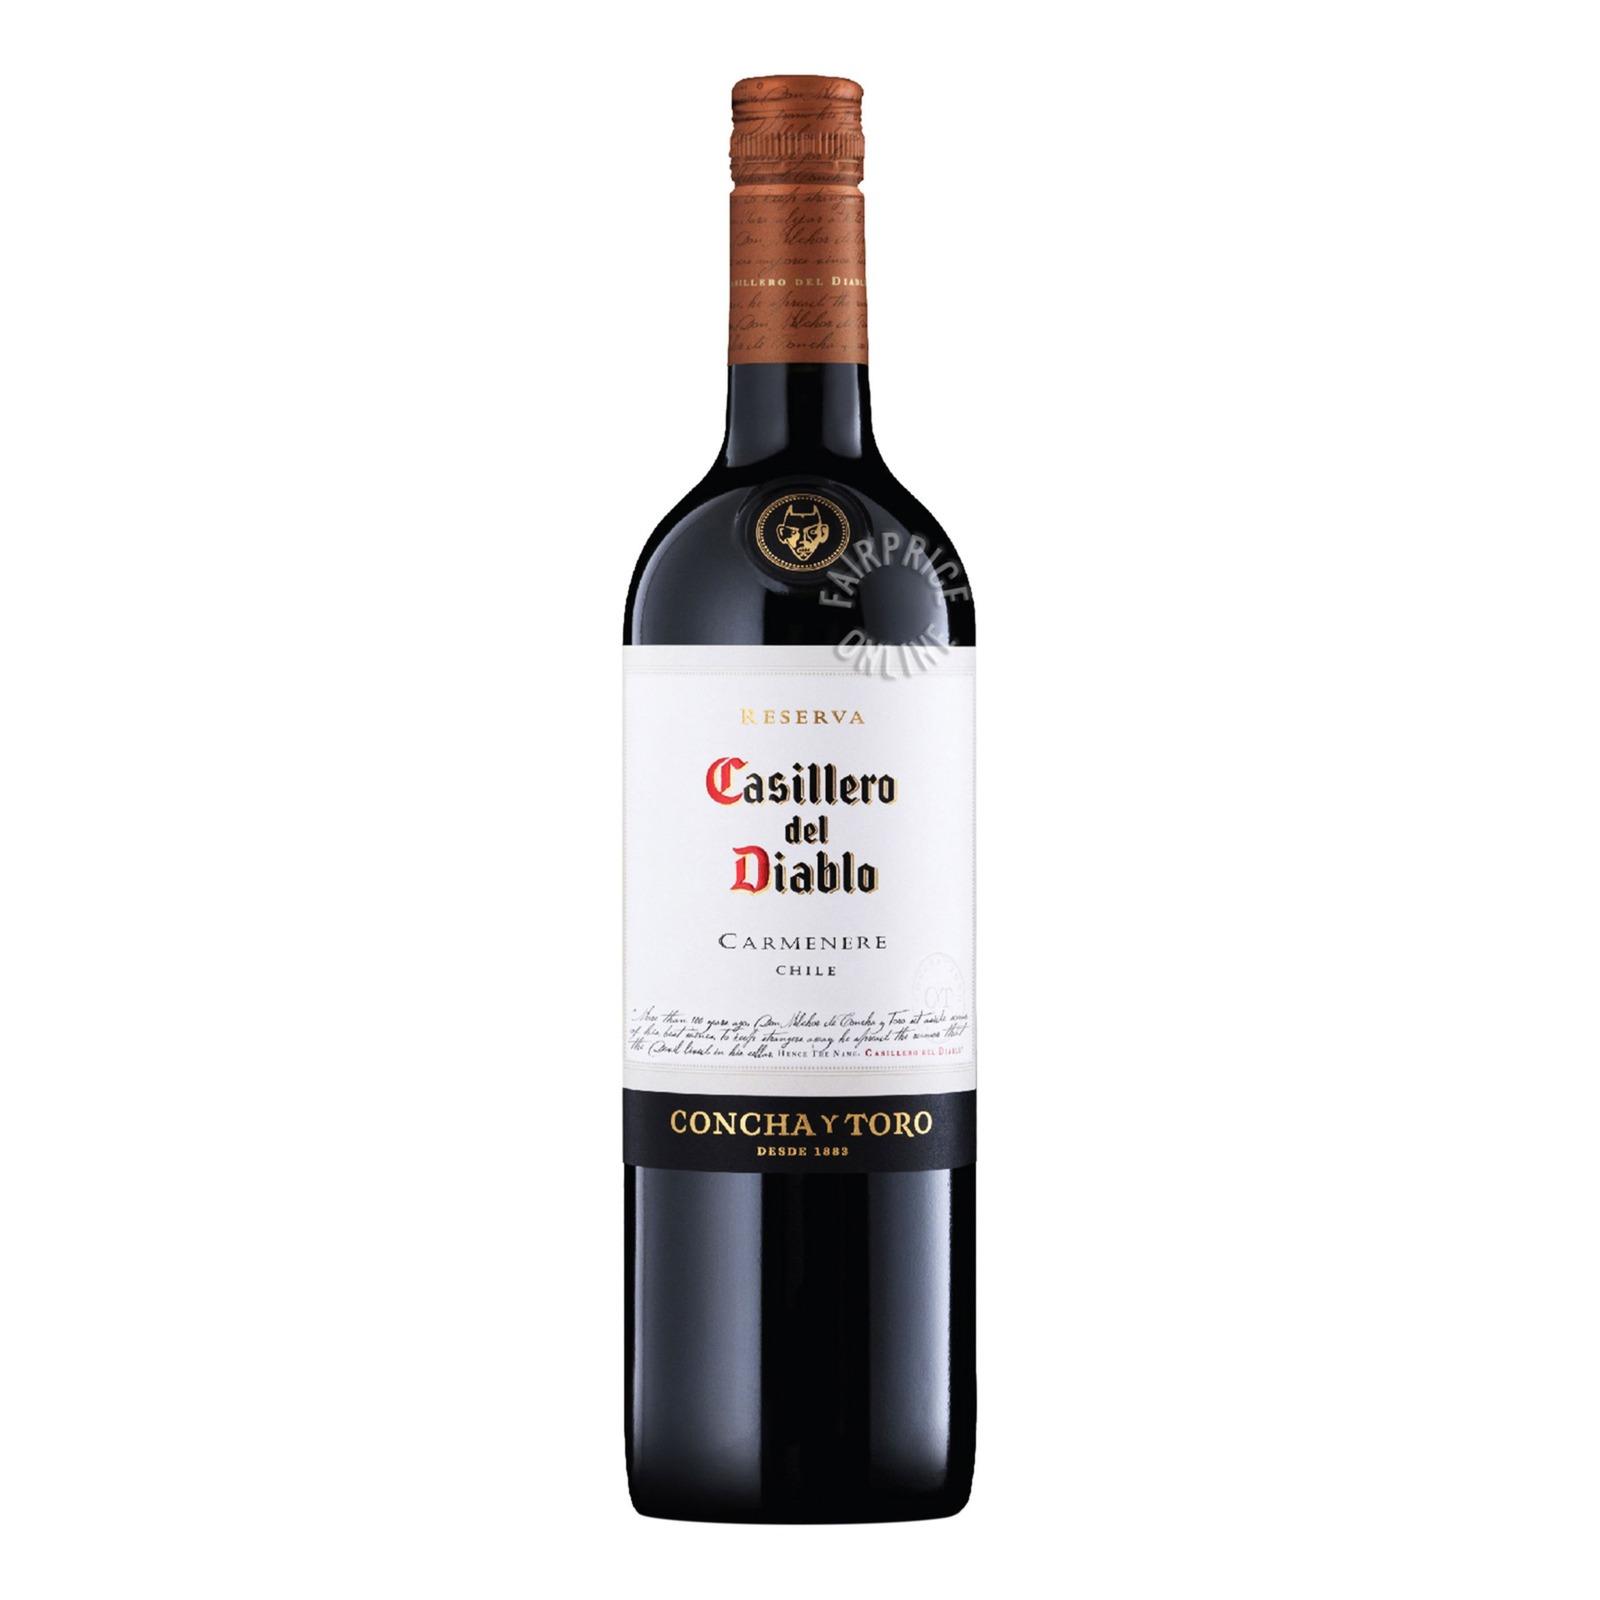 Casillero Del Diablo Reserva Red Wine - Carmenere